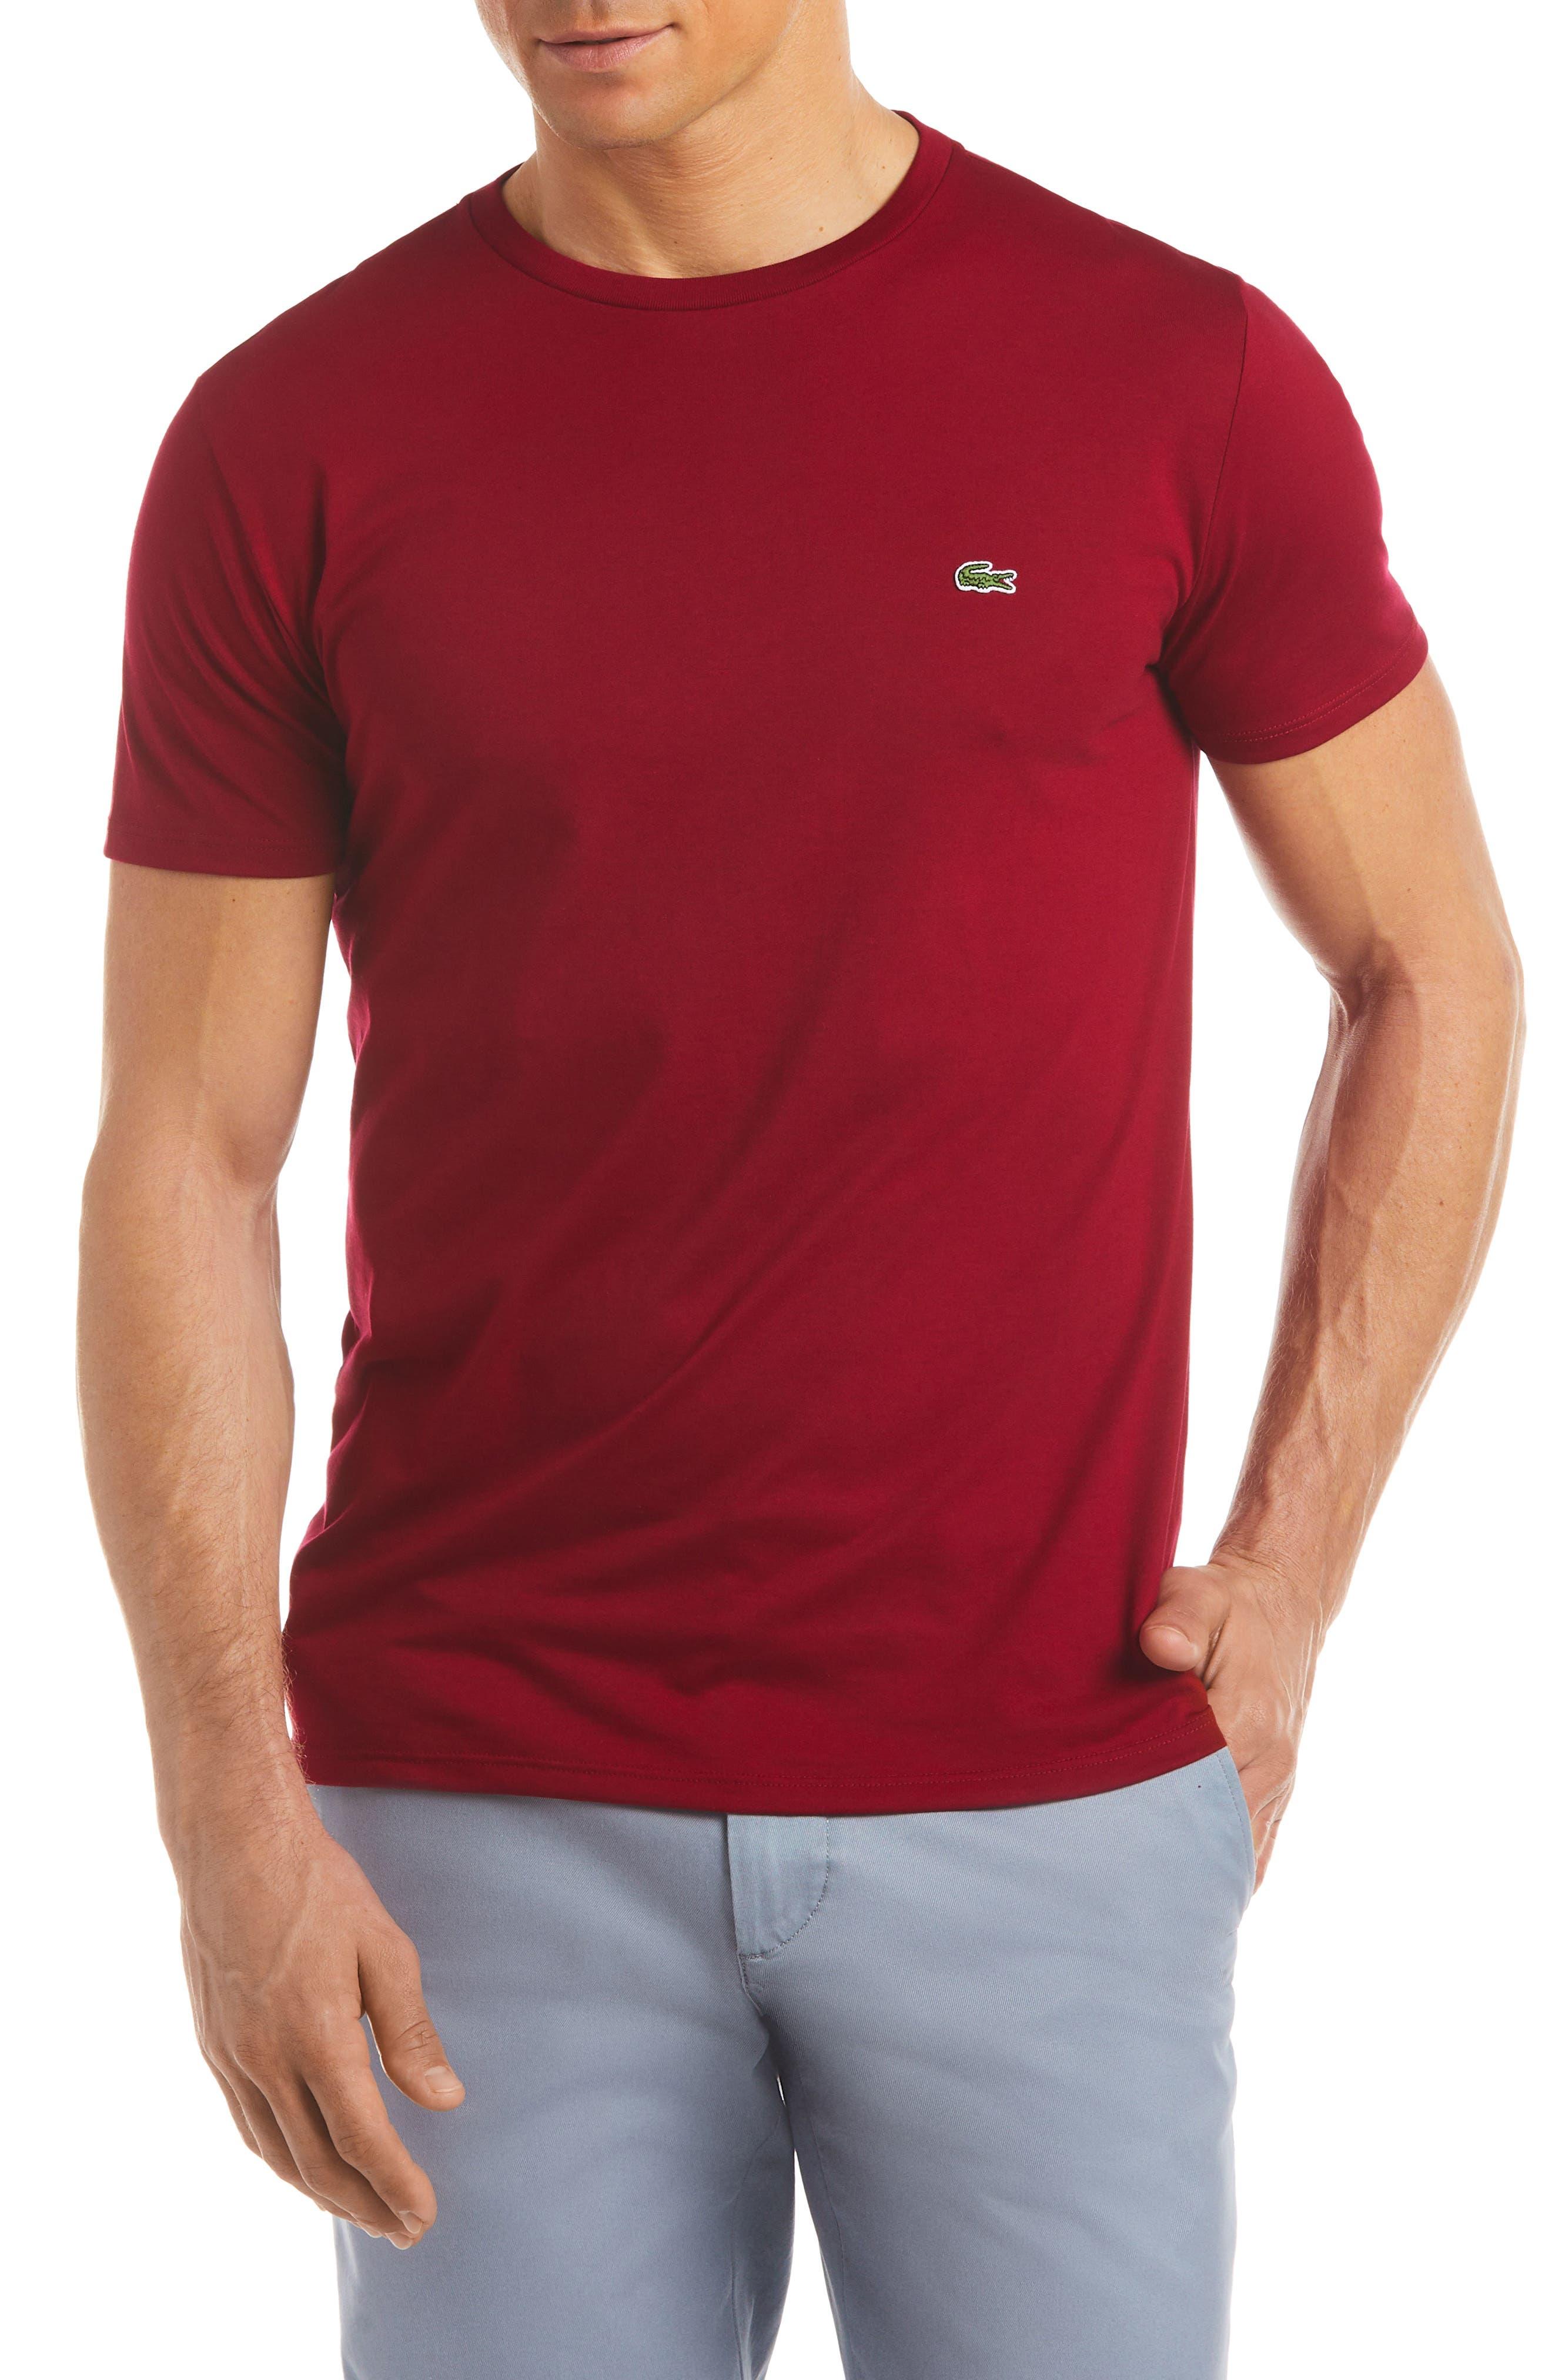 Lacoste Crewneck Cotton T-Shirt